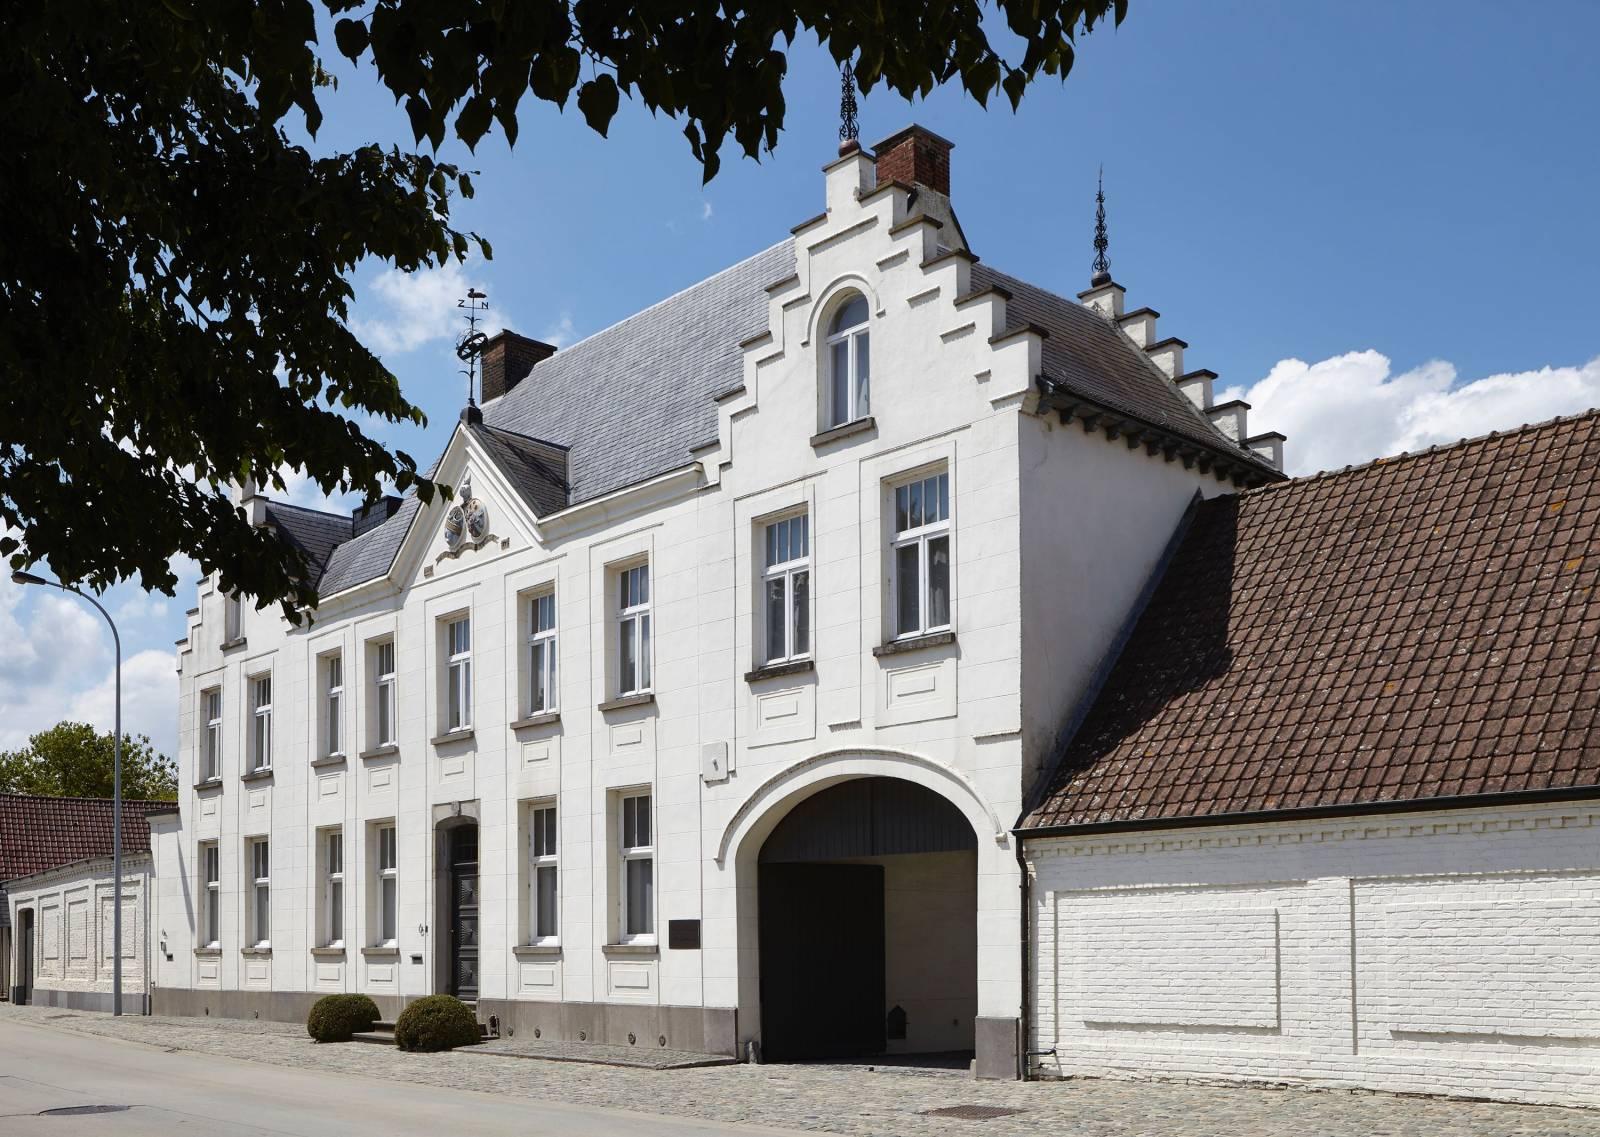 Hove van Herpelgem - Feestzaal Kluisbergen - Trouwzaal - House of Weddings - 14